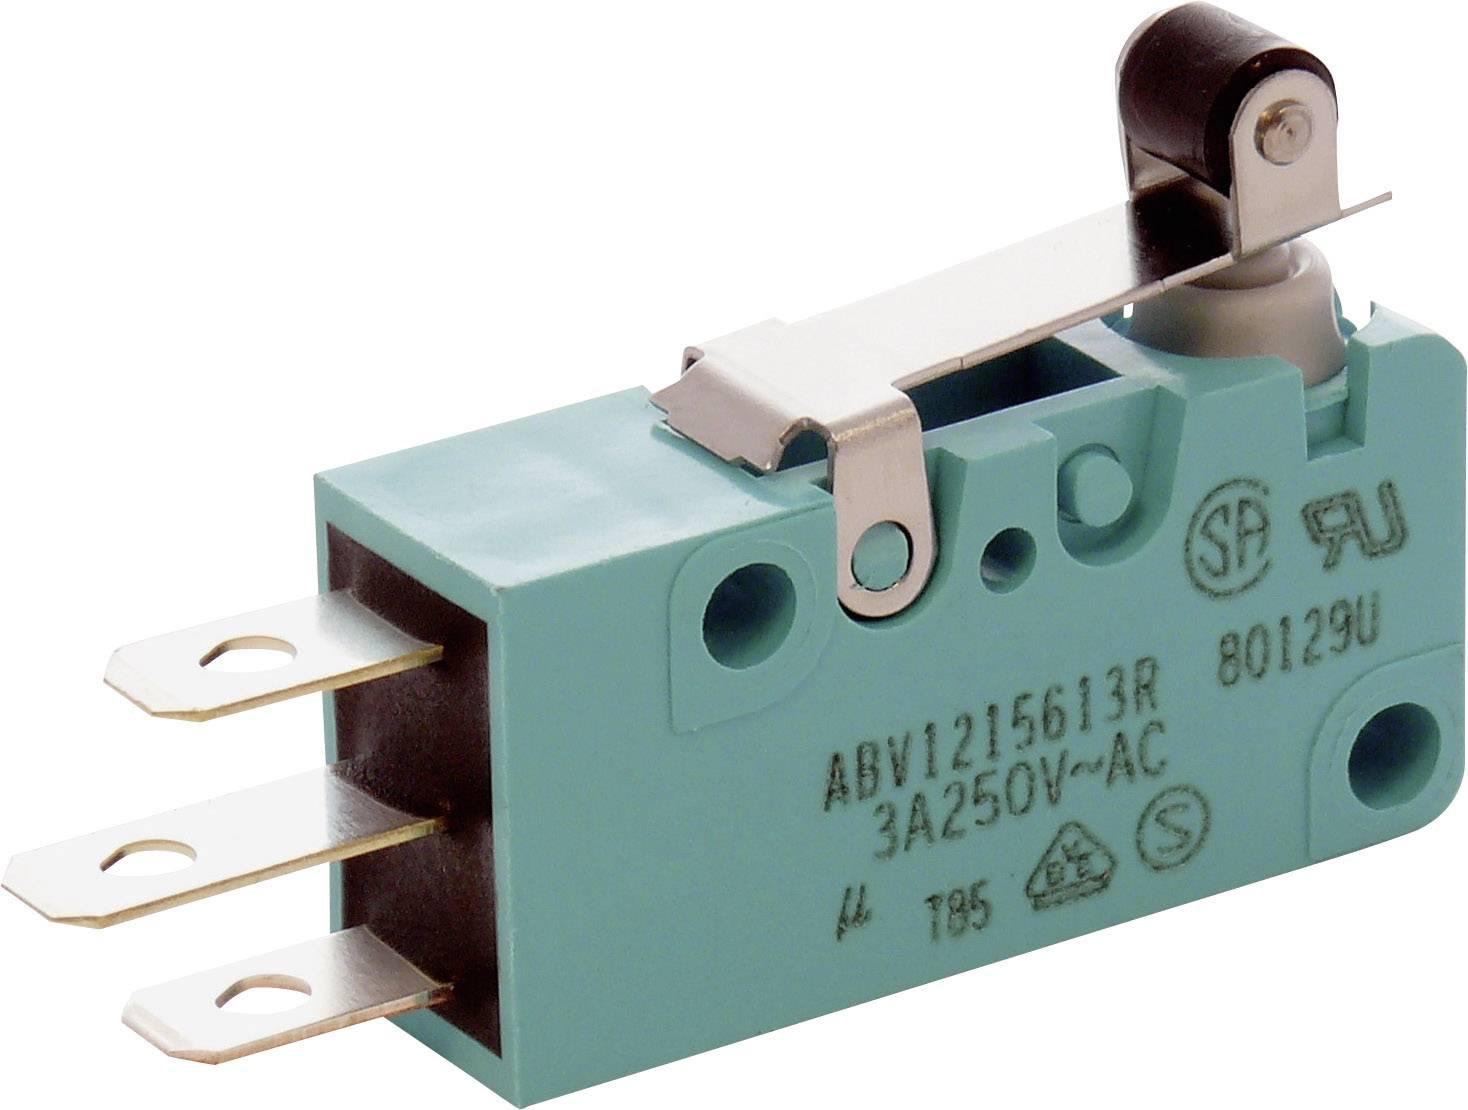 Mikrospínač - páka s valčekom Panasonic ABV1215603R, 250 V/AC, 30 V/DC, 3 A, IP67